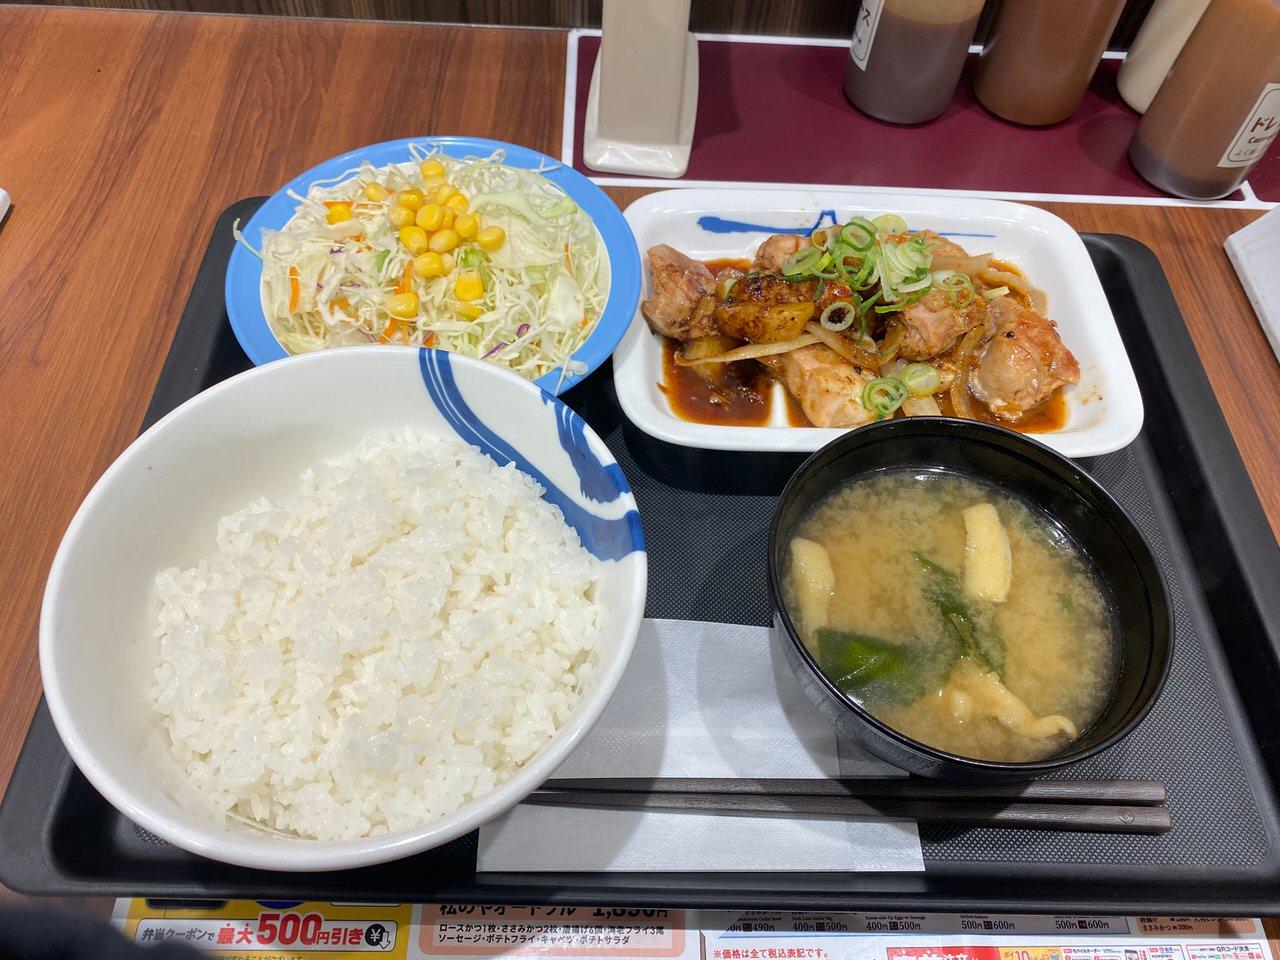 【松屋】ニンニクたっぷり大人のじゃがバター「鶏のじゃがバター炒め定食」 02